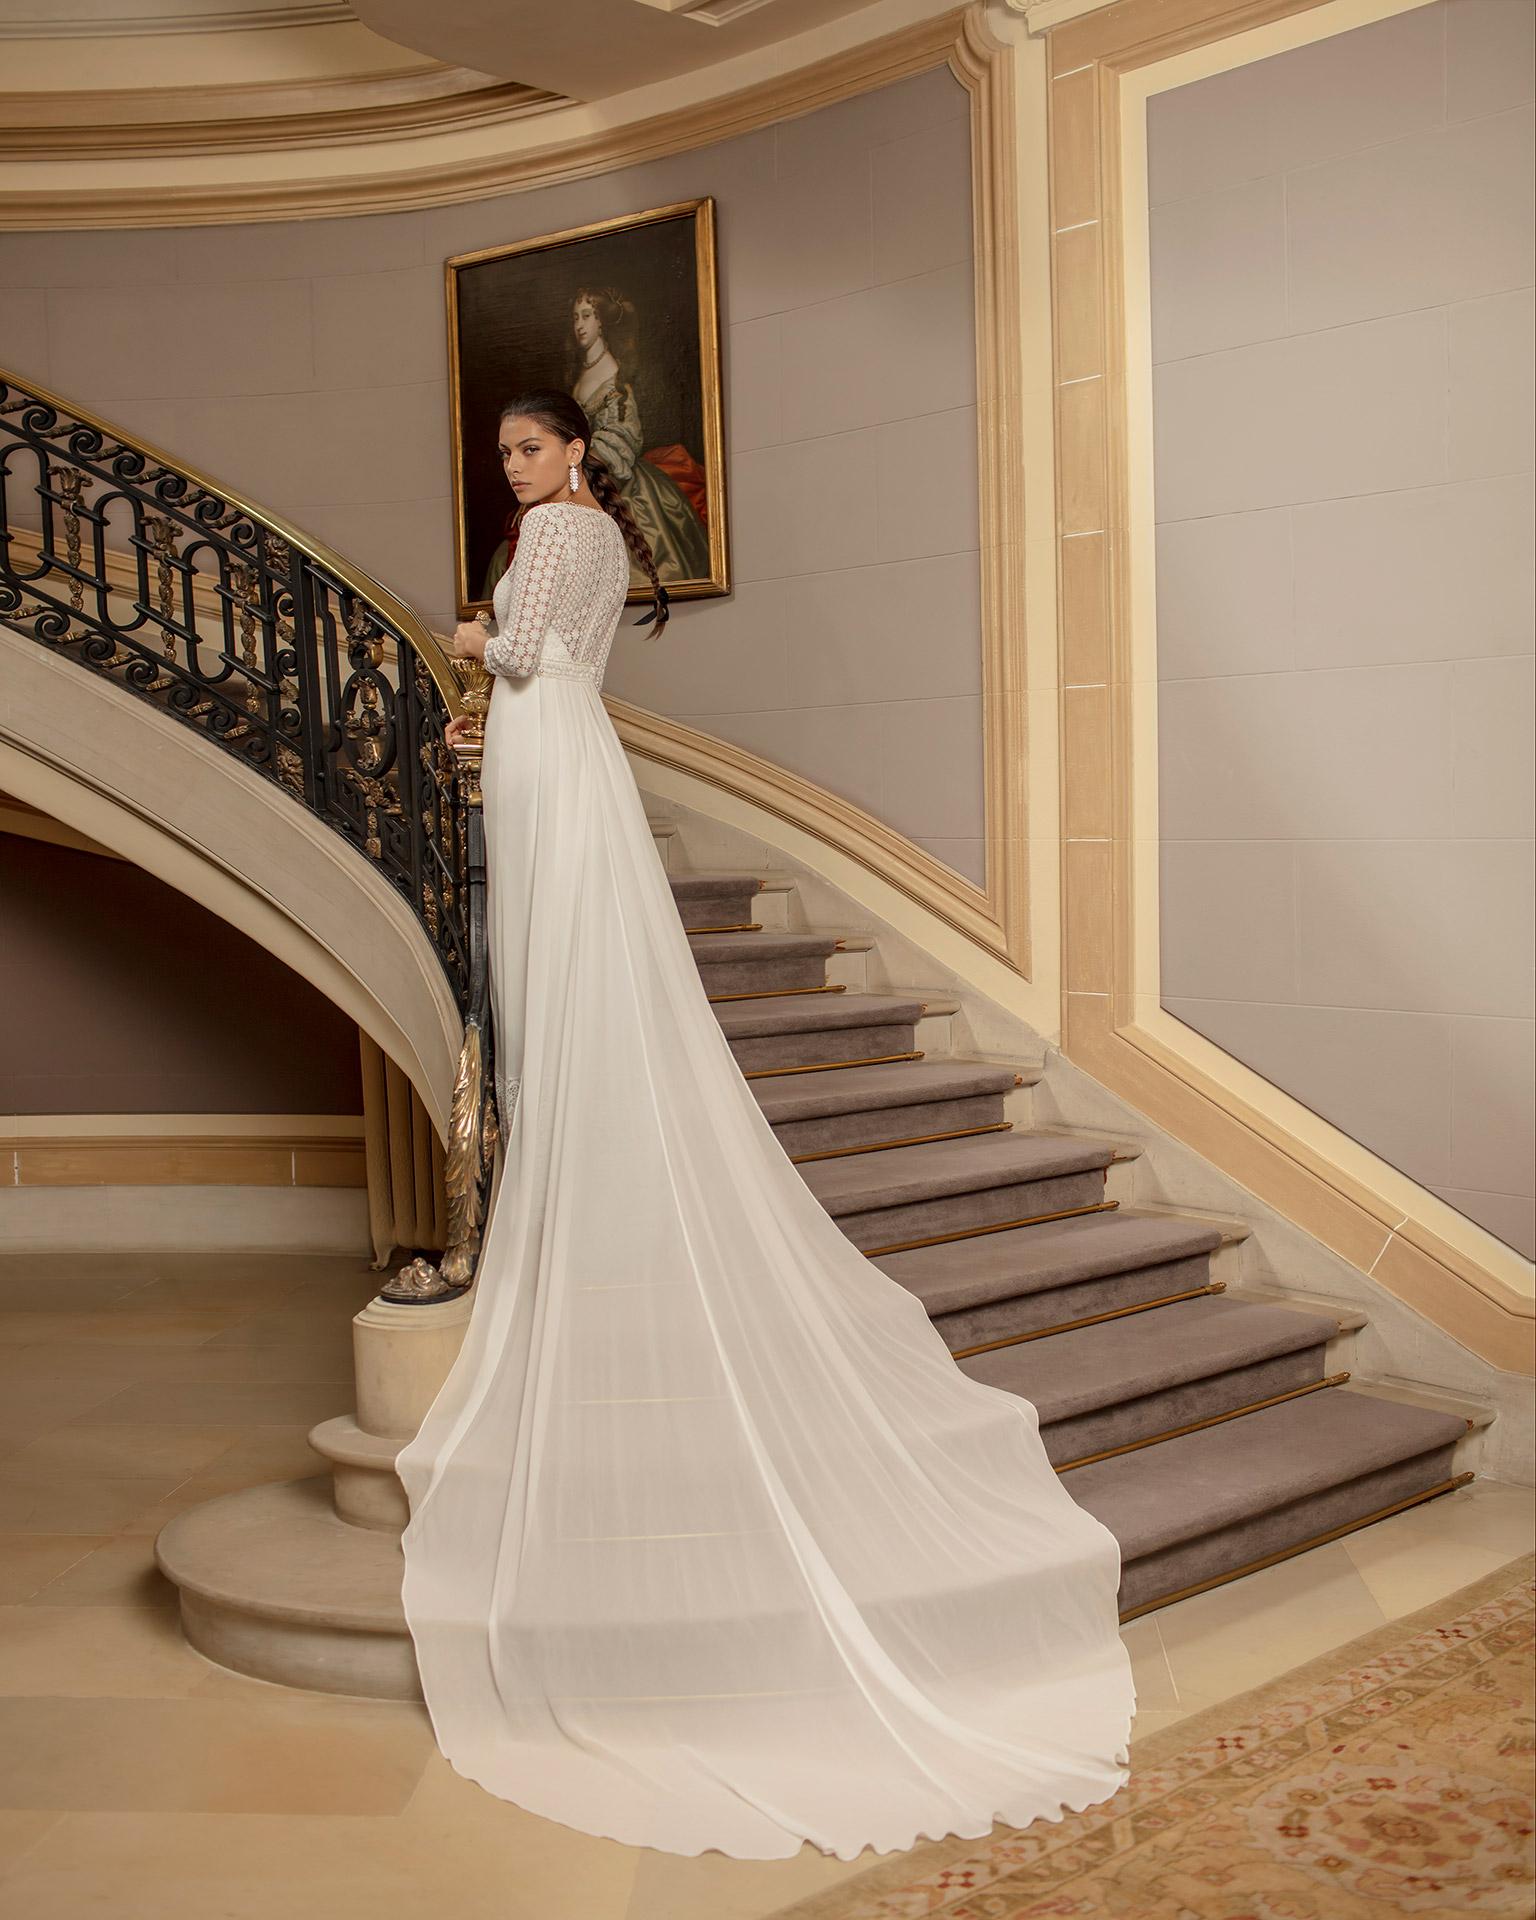 Vestido y cola de novia estilo boho de gasa y encaje, con espalda ilusión y manga 3/4. Colección ALMA_NOVIA 2020.